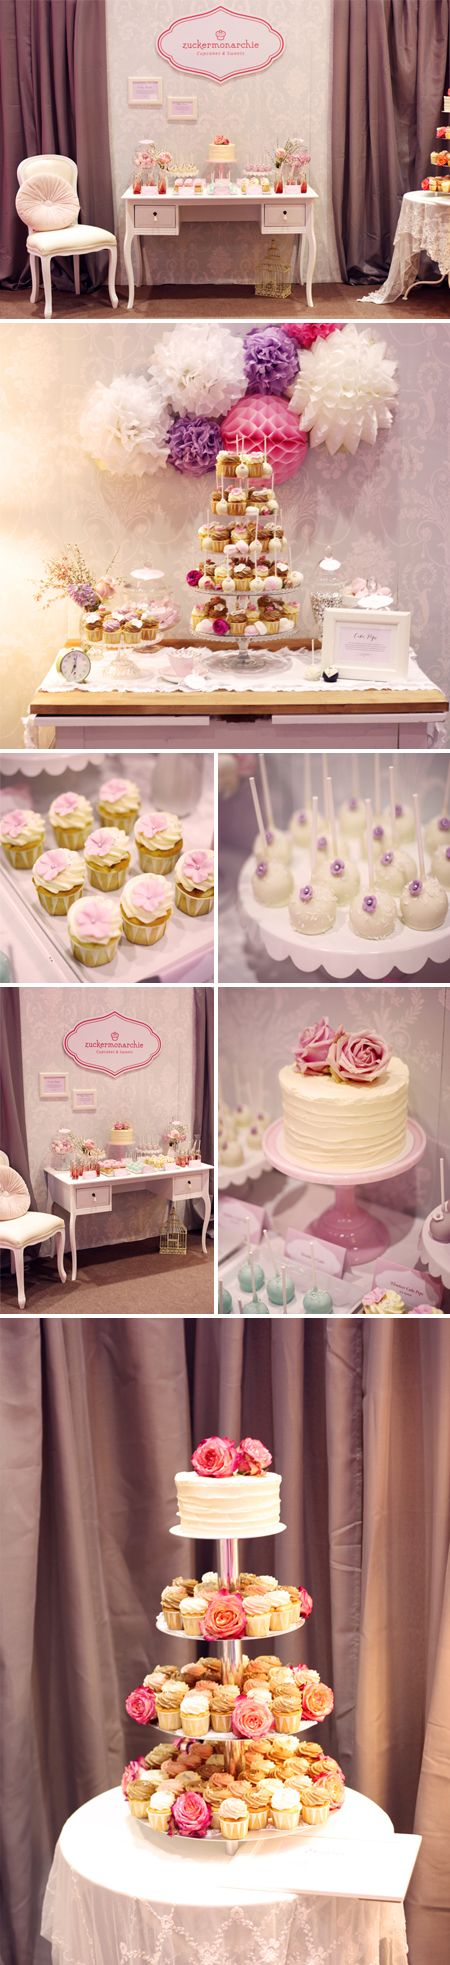 Zuckermonarchie Blog | Cupcakes & Fingerfood in Hamburg | Seite 3